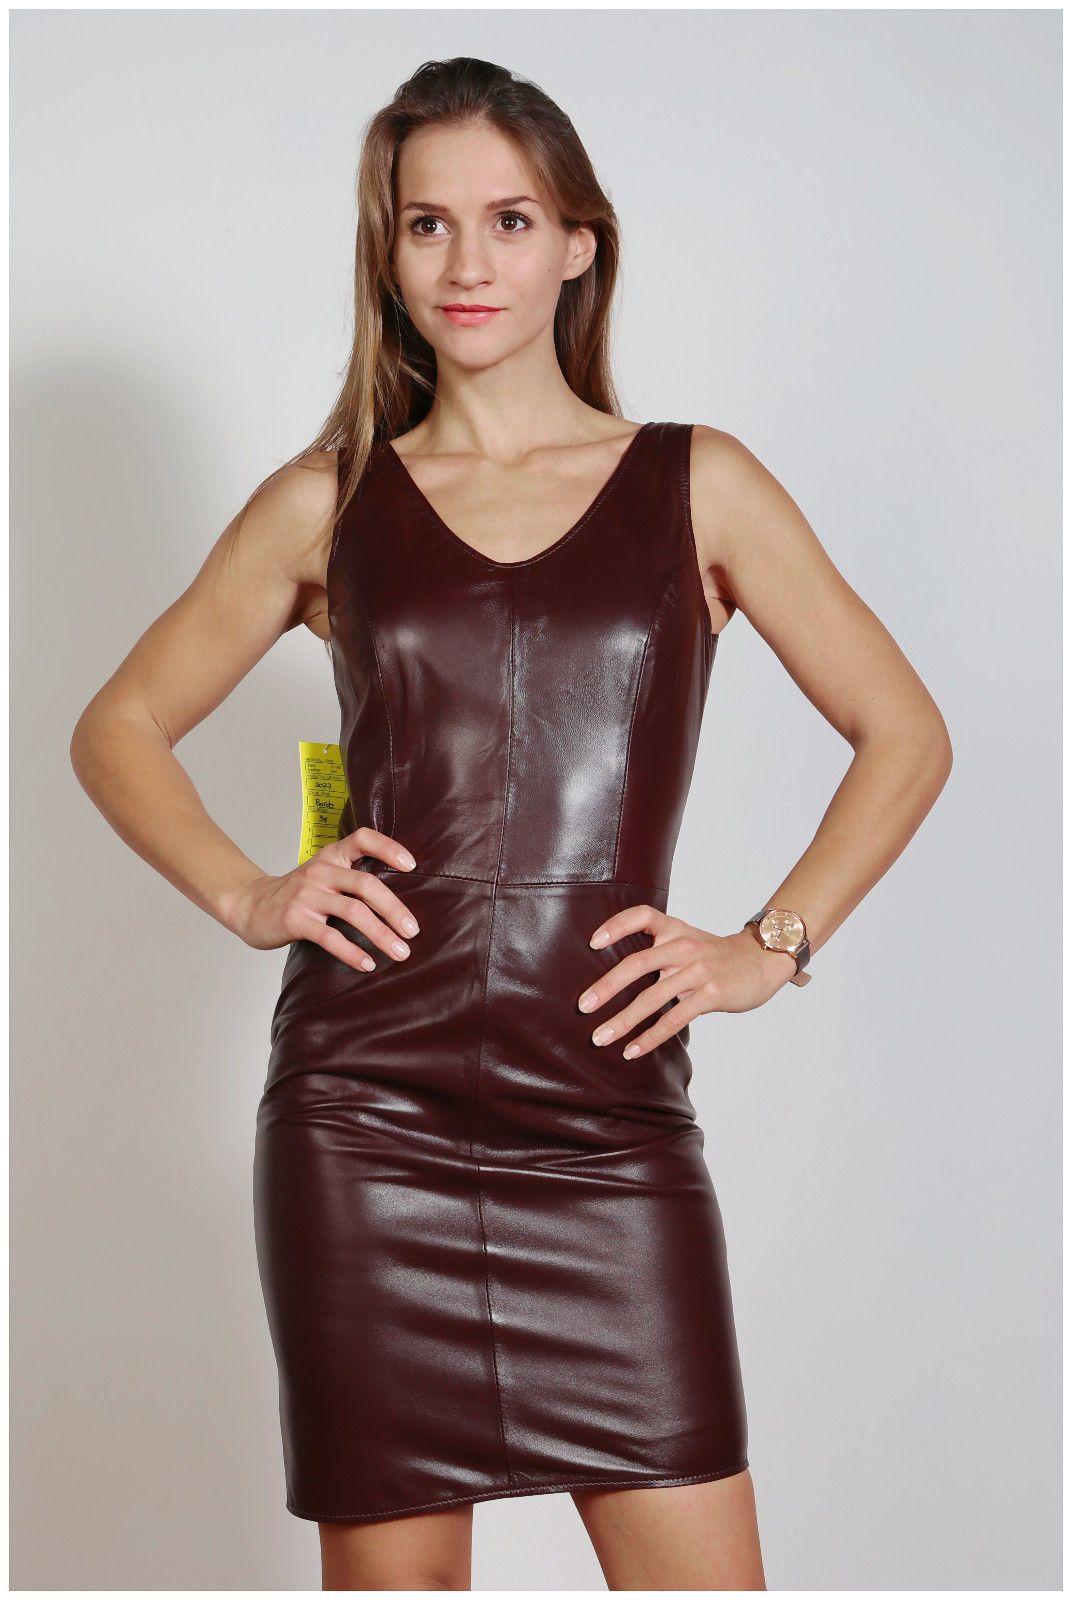 Comprar vestidos de mujer baratos |  eBay  – Moda